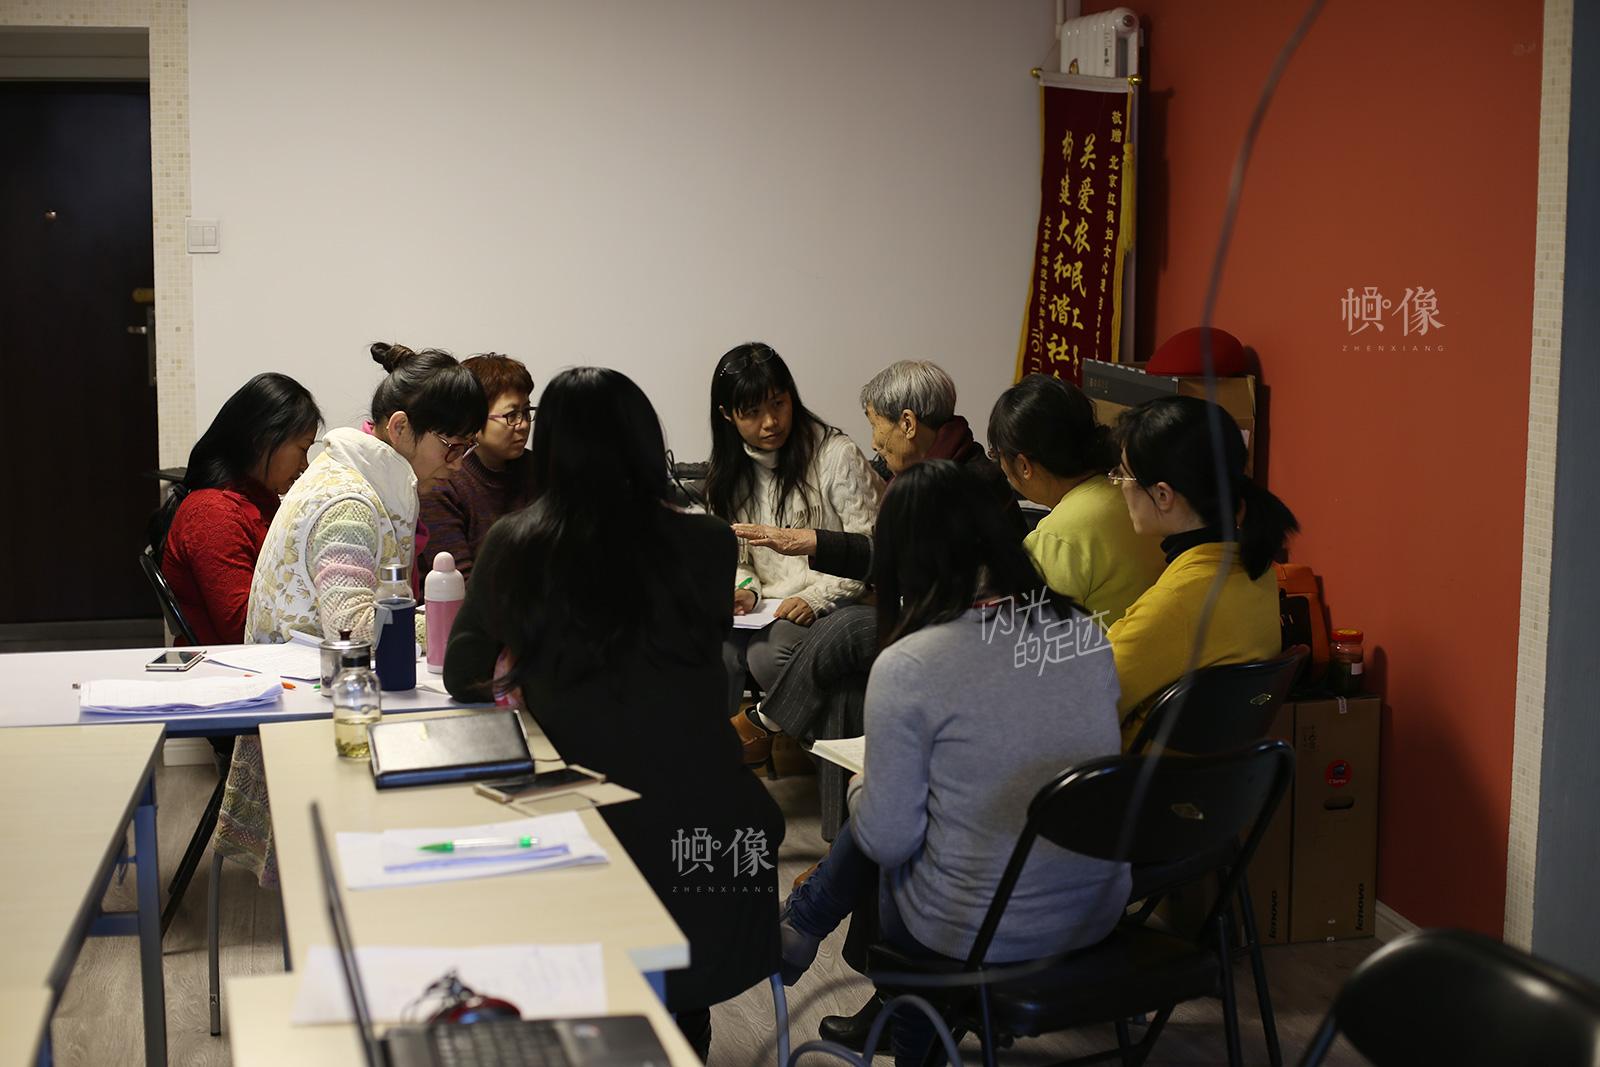 依恋关系课上,志愿者分组认真探讨,这些志愿者有记者、教师、工程师、医生等。中国网记者 吴闻达 摄